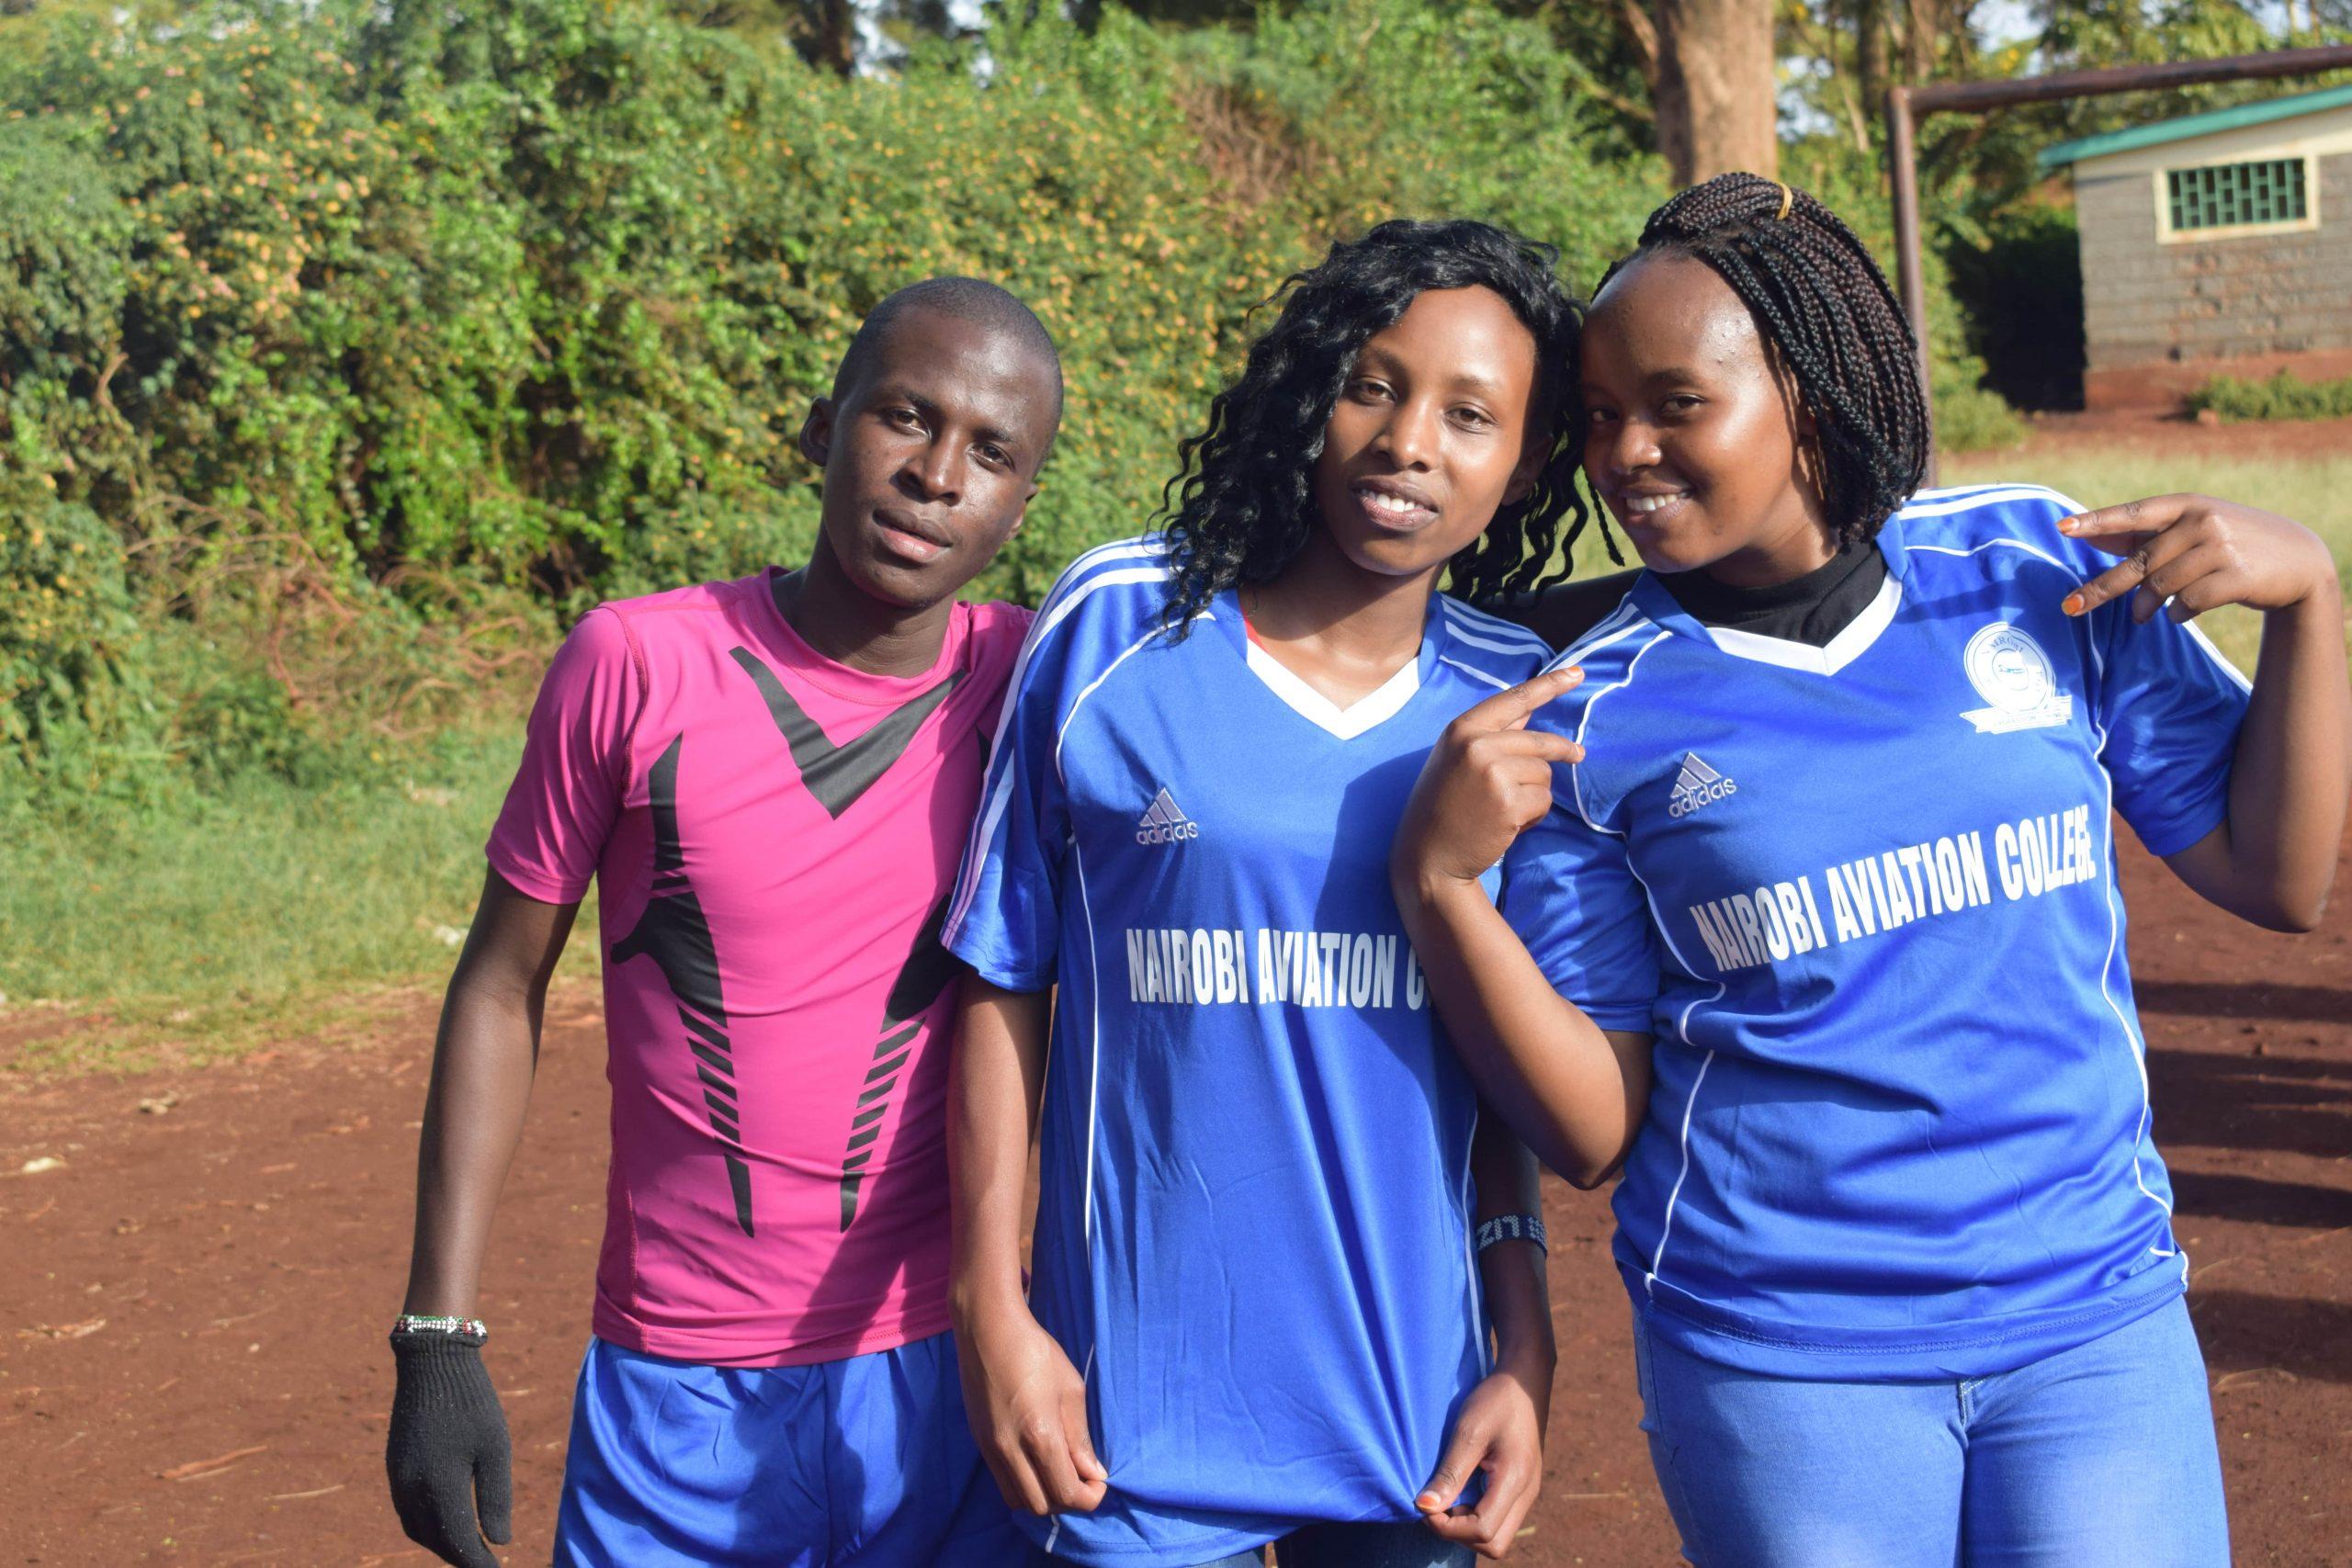 Nairibi Aviation college Fooball team